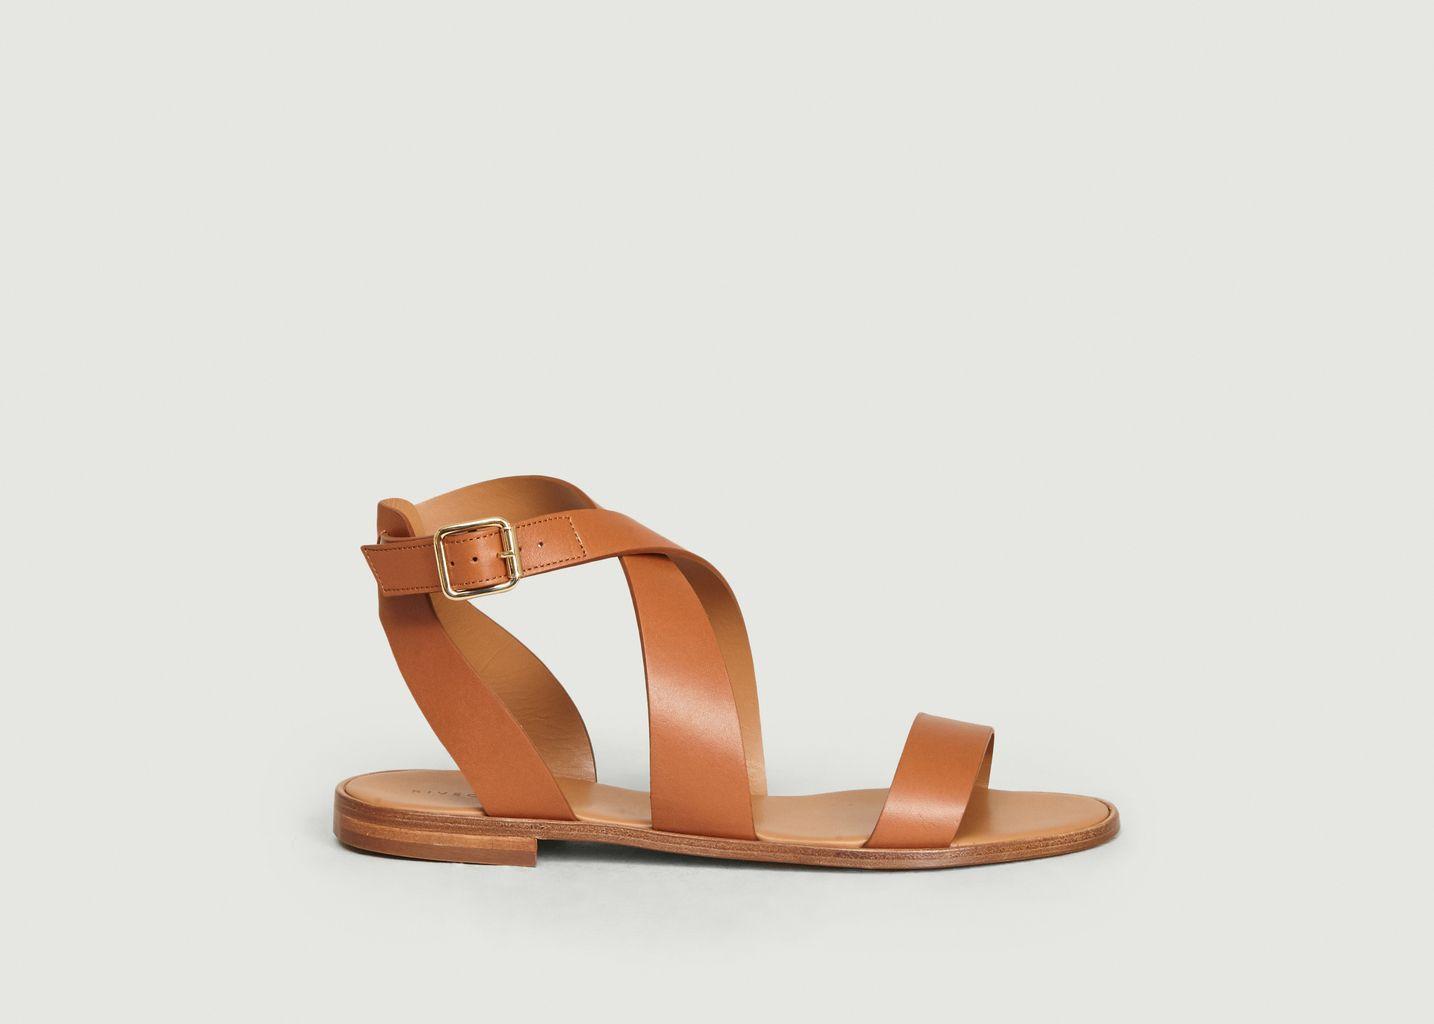 Sandales en cuir n°202 - Rivecour